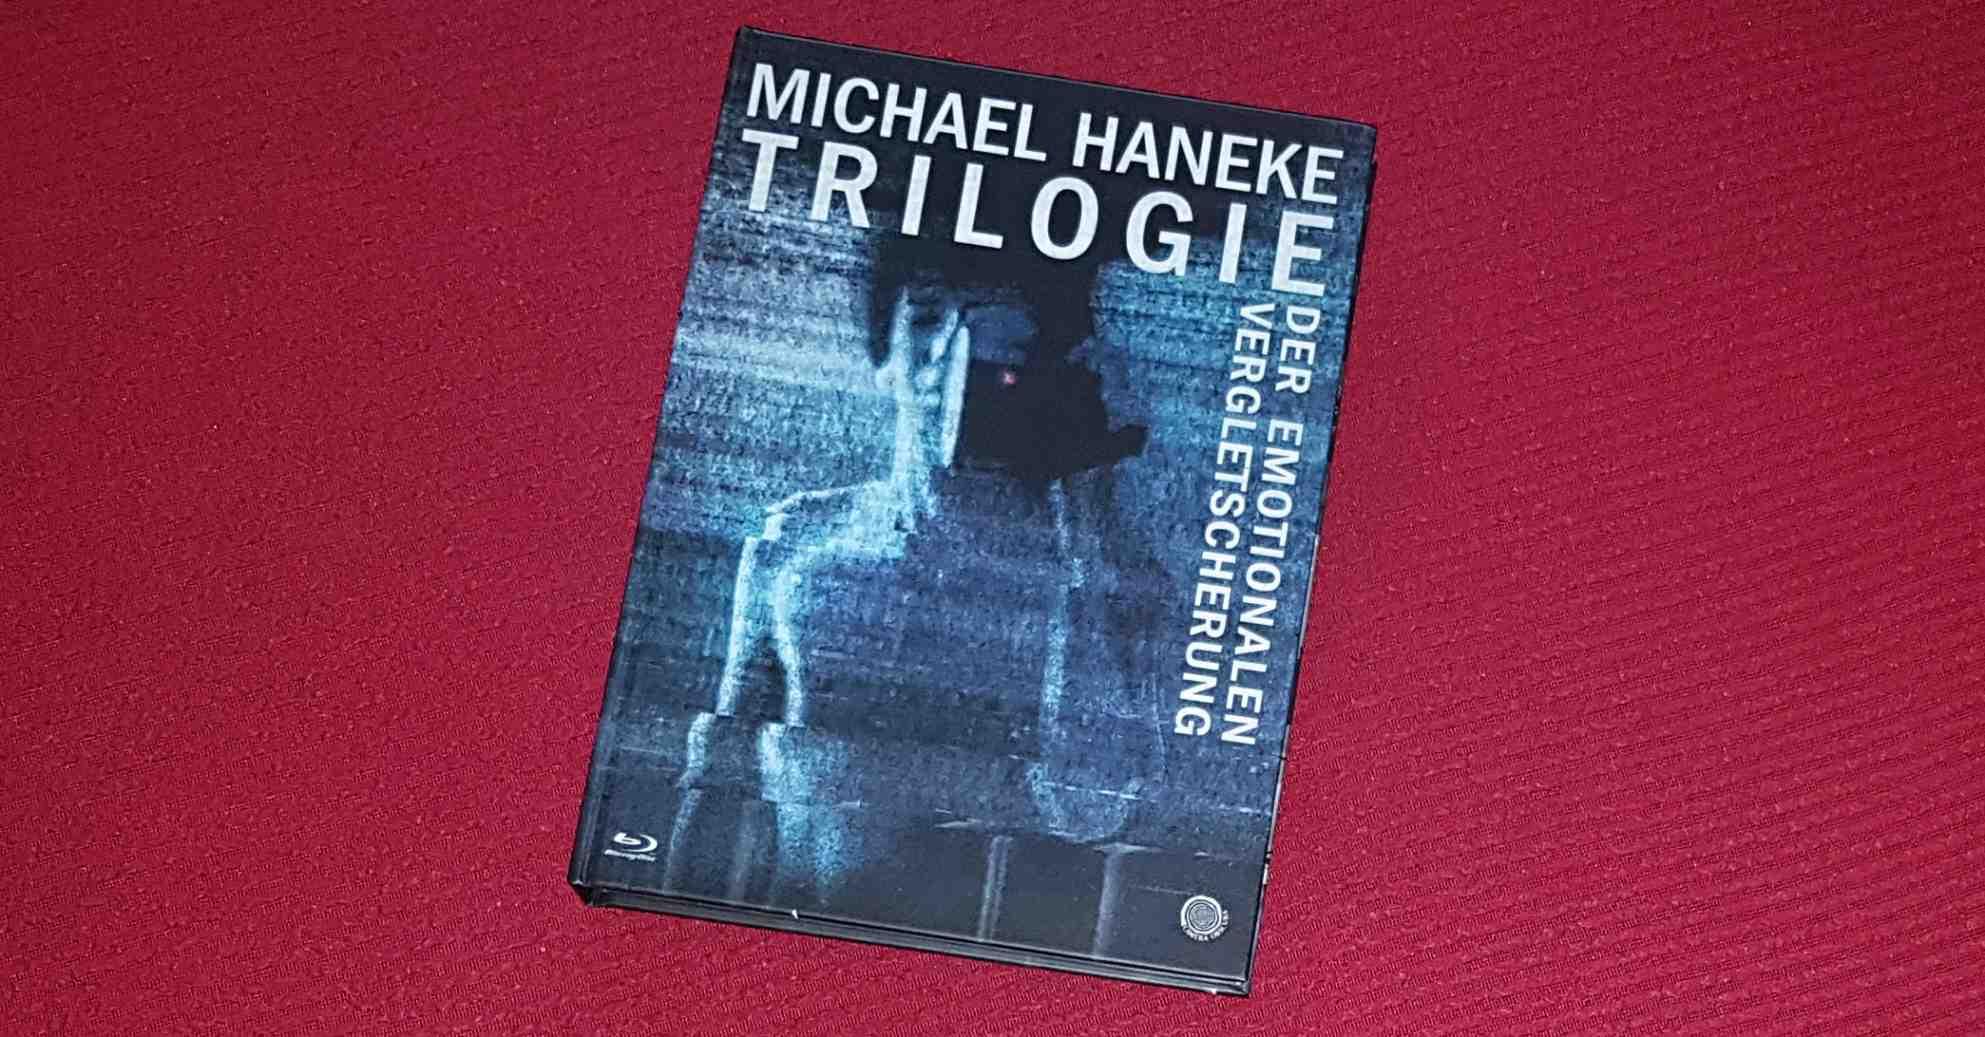 Michael_Haneke_Trilogie-Packshot-MB